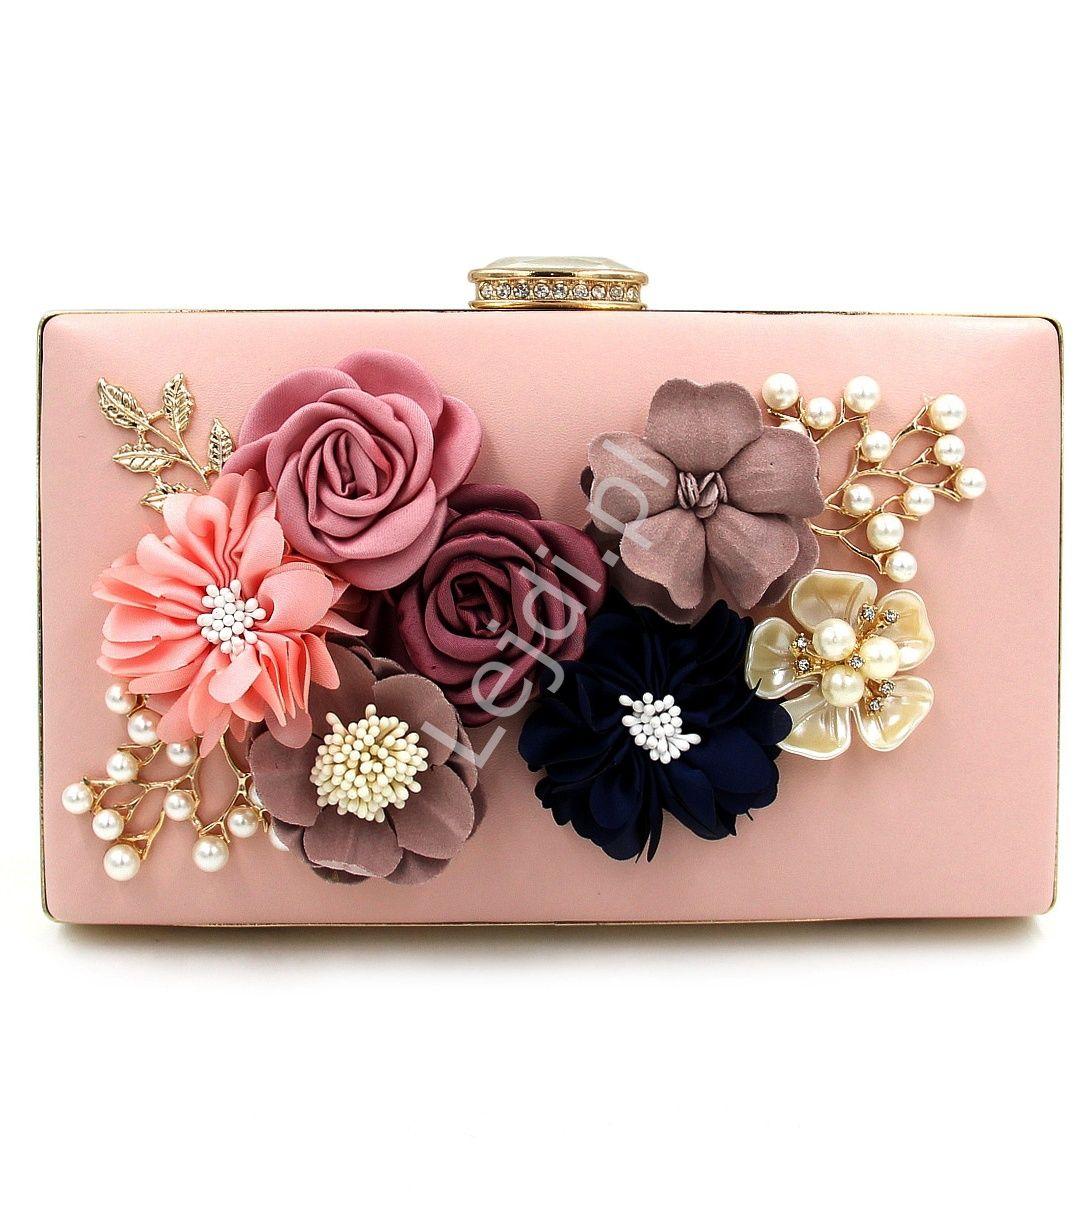 Wyjatkowa Torebka Wieczorowa Z Kwiatami 3d W Kolorze Pudrowego Rozu Z Zapieciem Z Krysztalkami Crystal Evening Bag Evening Clutch Bag Party Handbags